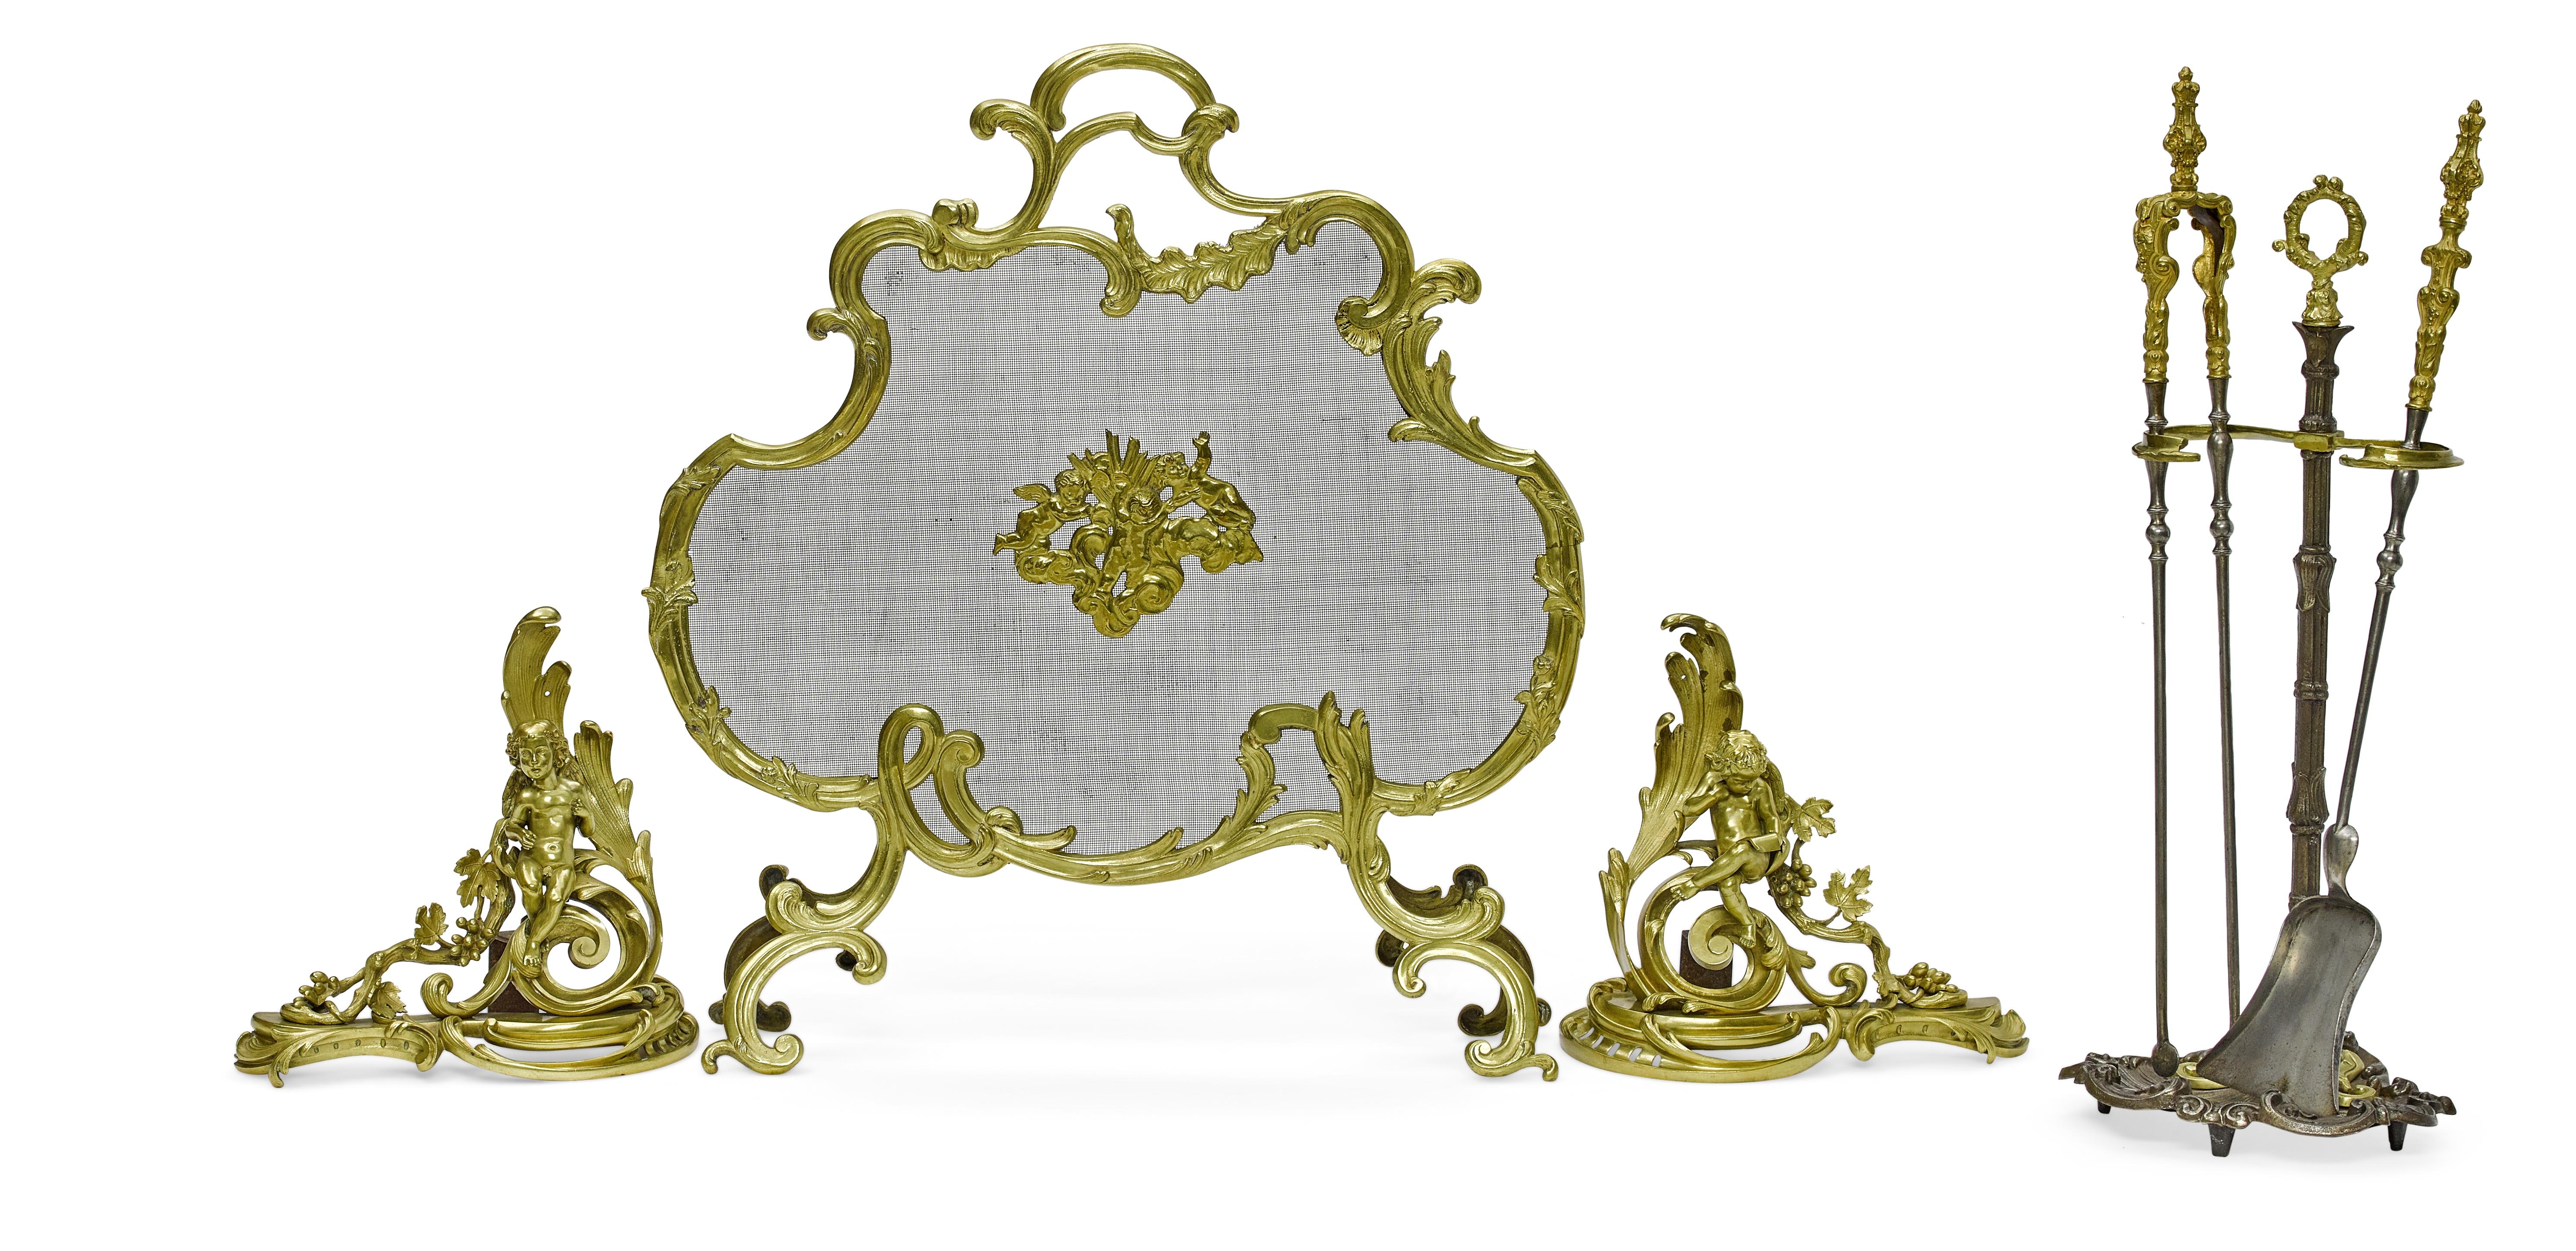 Lot 161 - An assembled Louis XV style gilt bronze six piece fireplace set